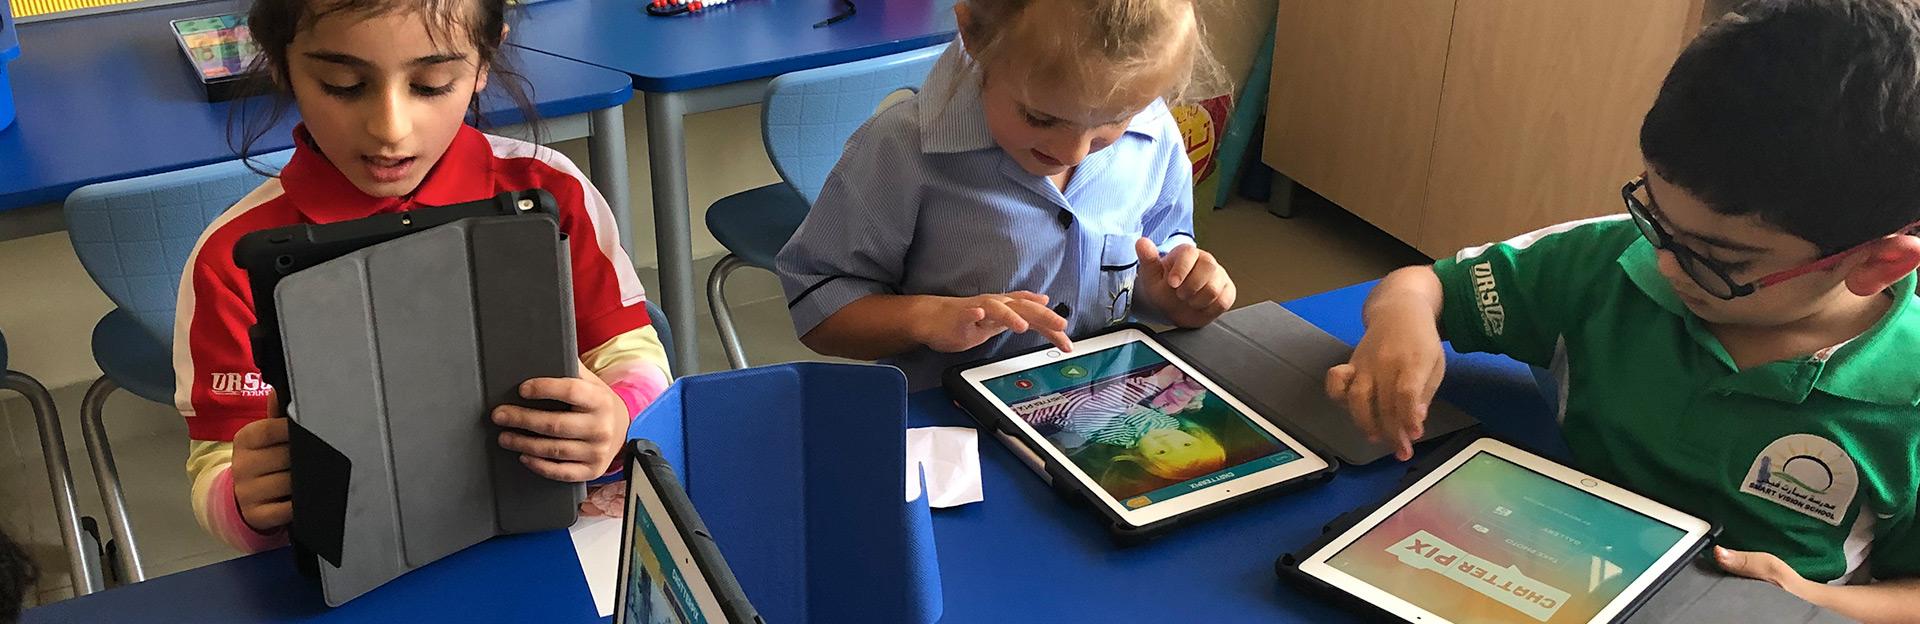 Digital @ Smart Vision School